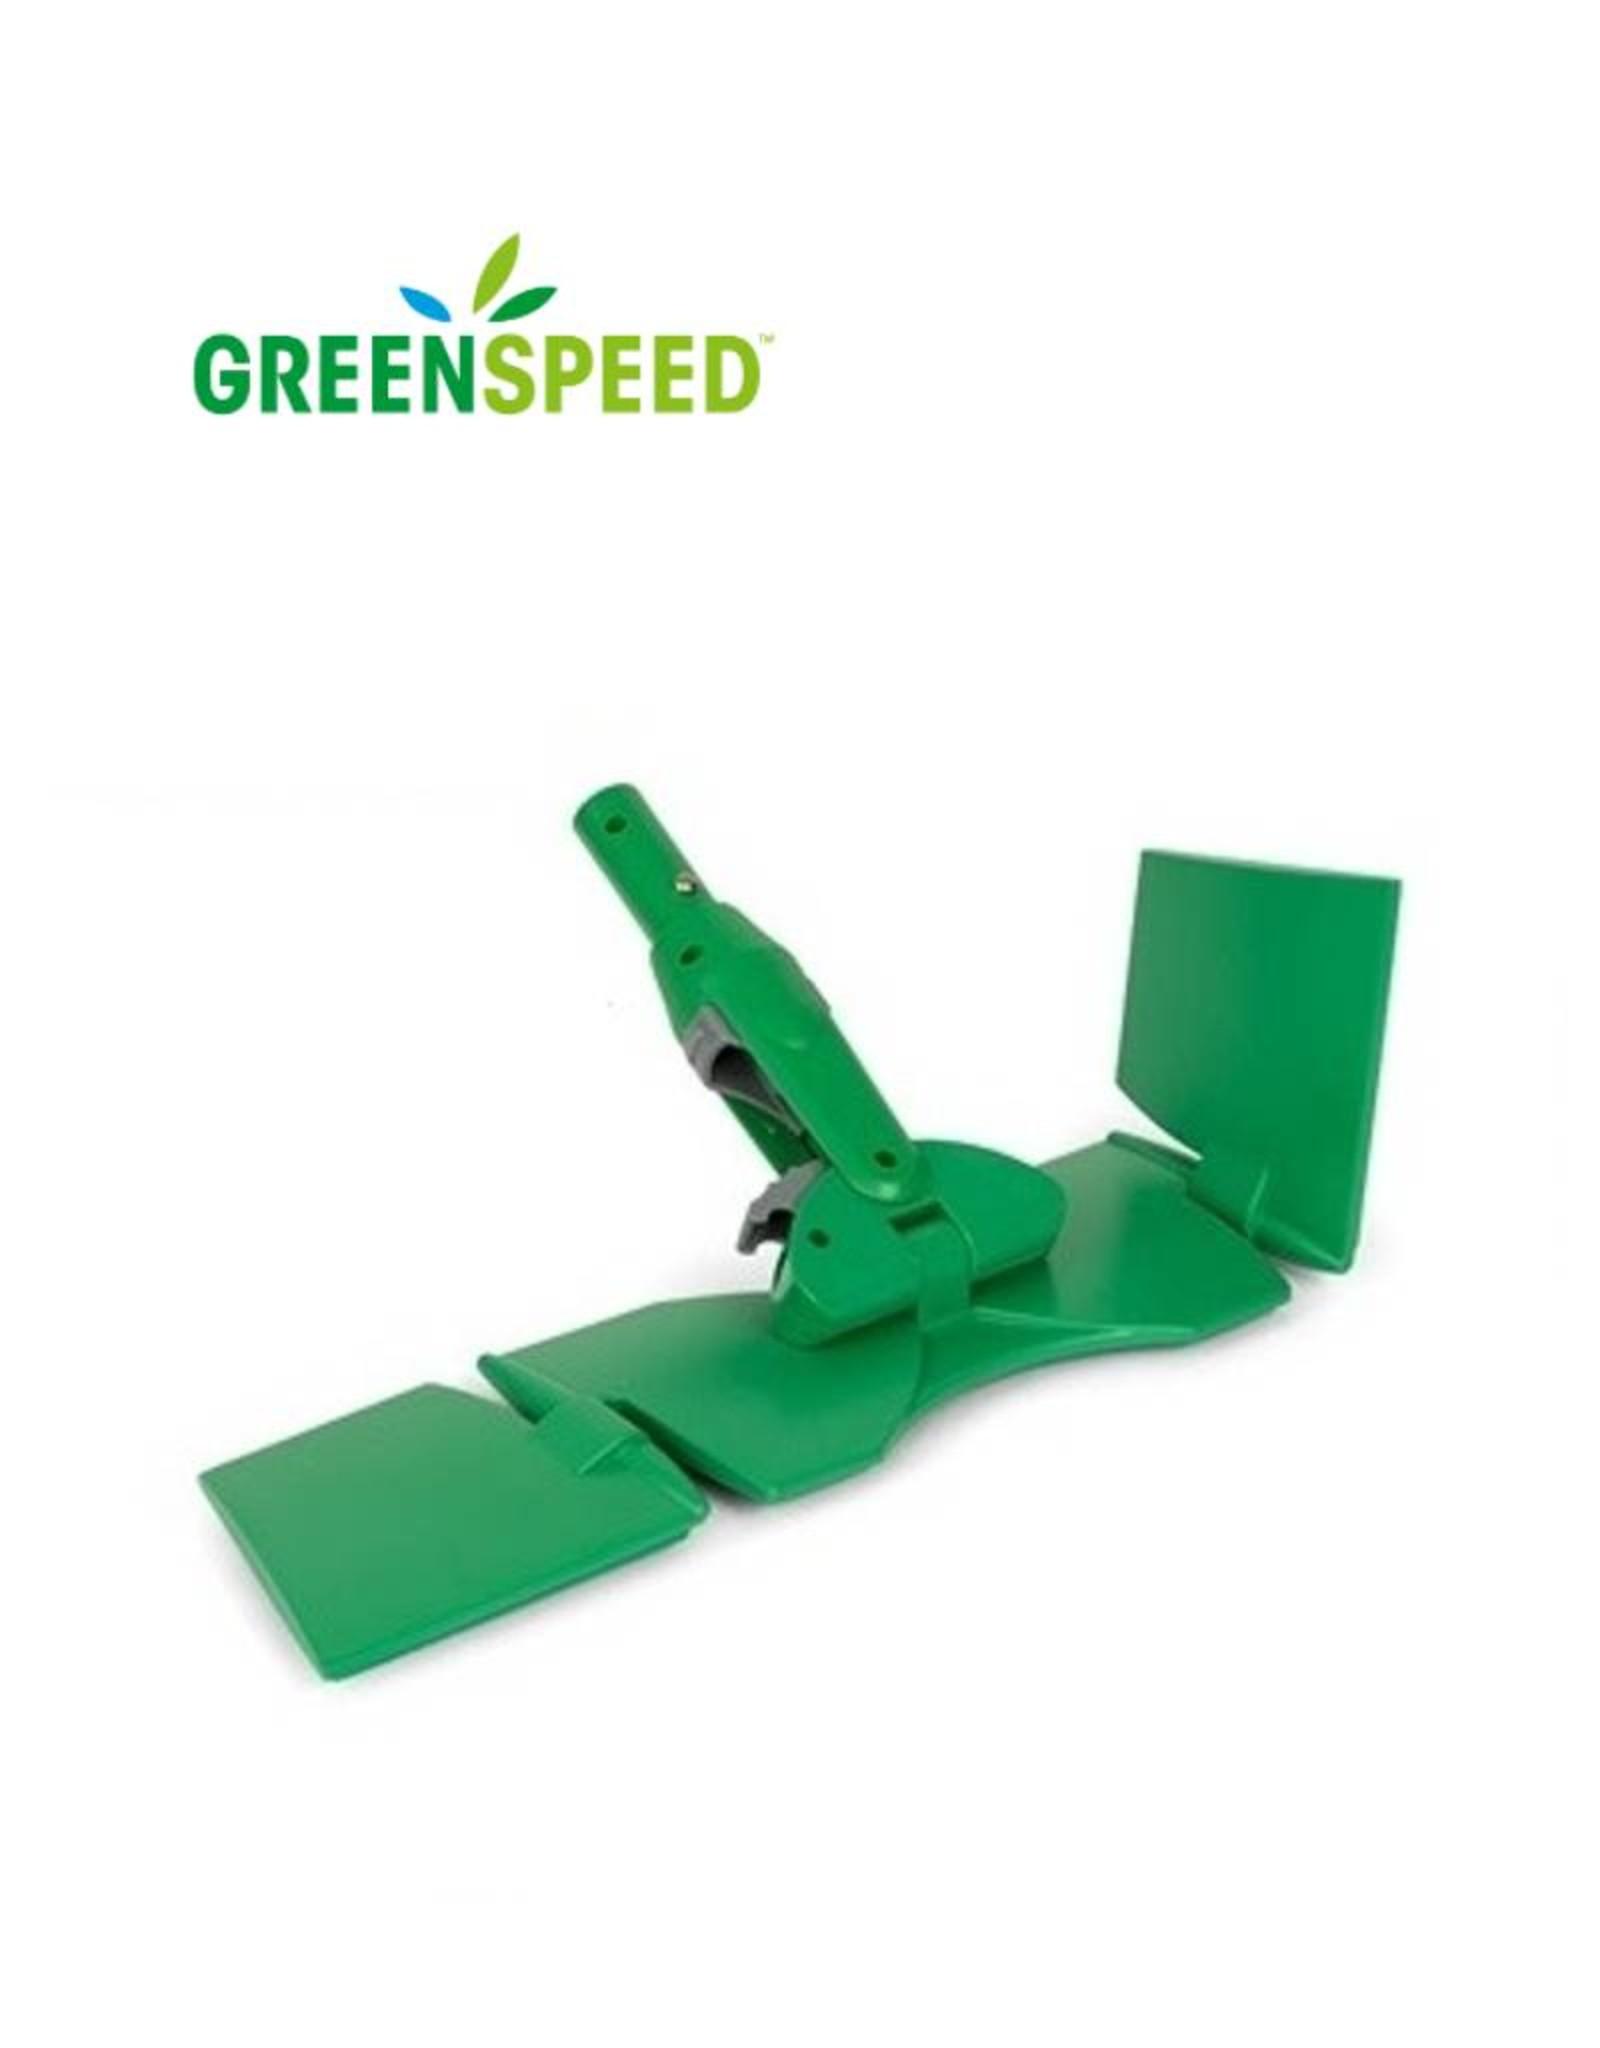 Greenspeed Winglet Multifix, zeer flexibele plaat (Velcro hechtsysteem)